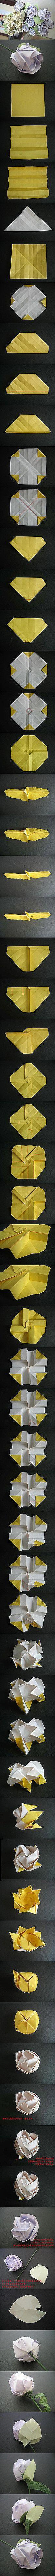 A pretty complex origami paper rose DIY